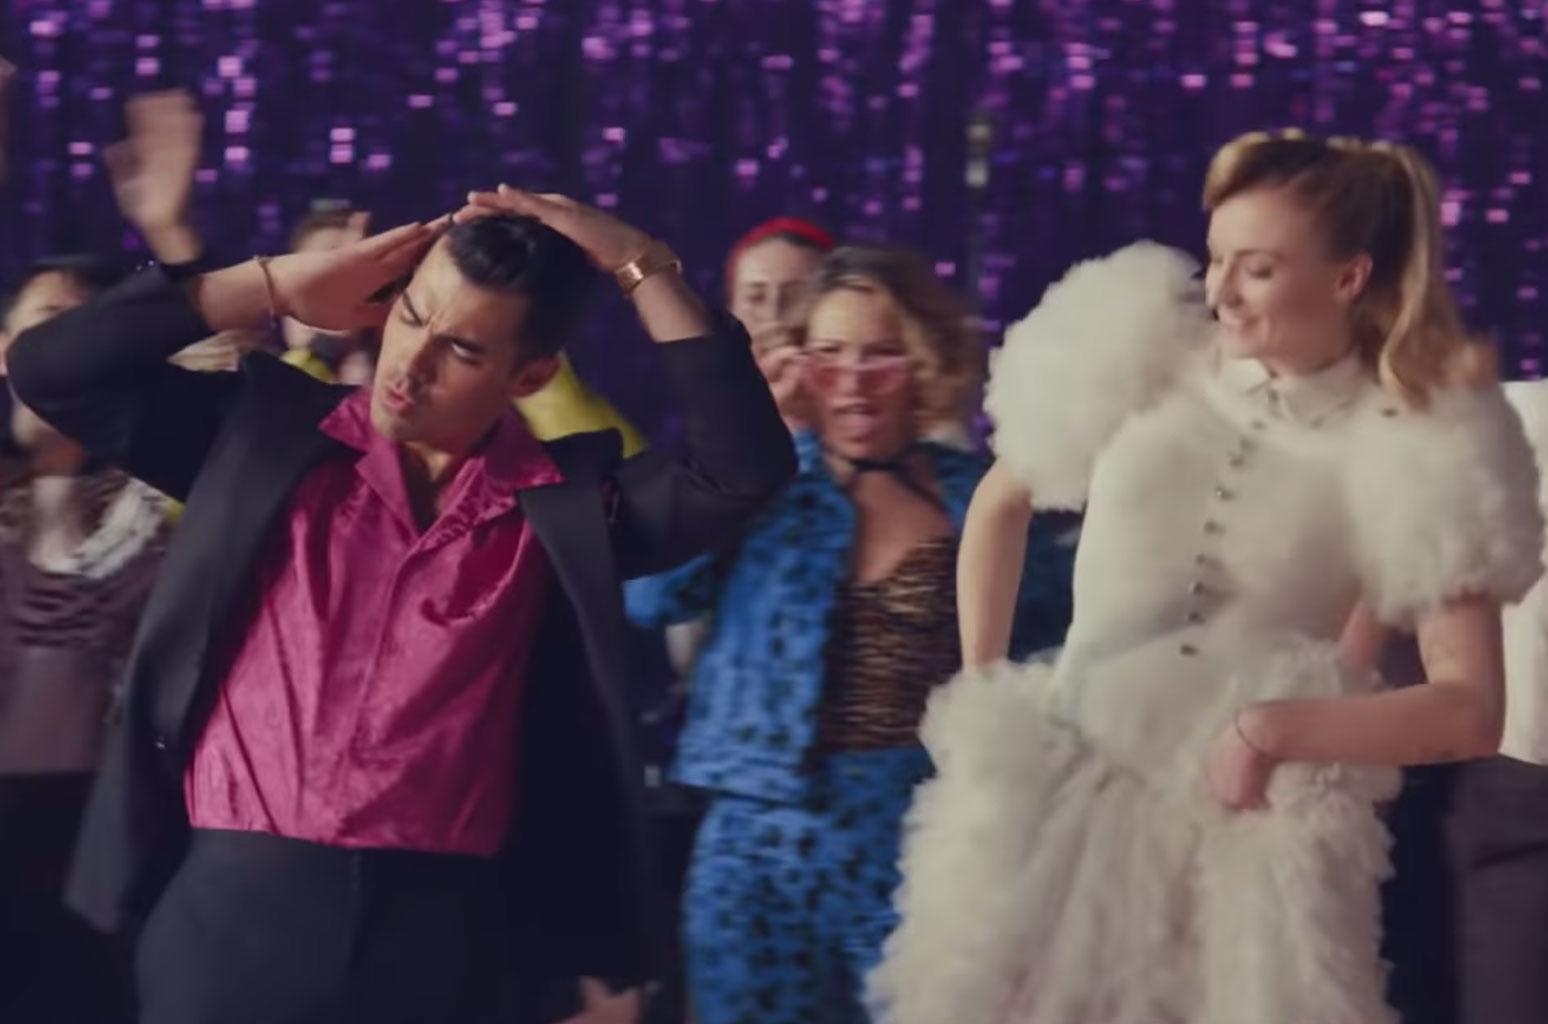 Los Jonas Brothers lanzan nuevo vídeo junto a sus esposas Sophie Turner y Priyanka Chopra